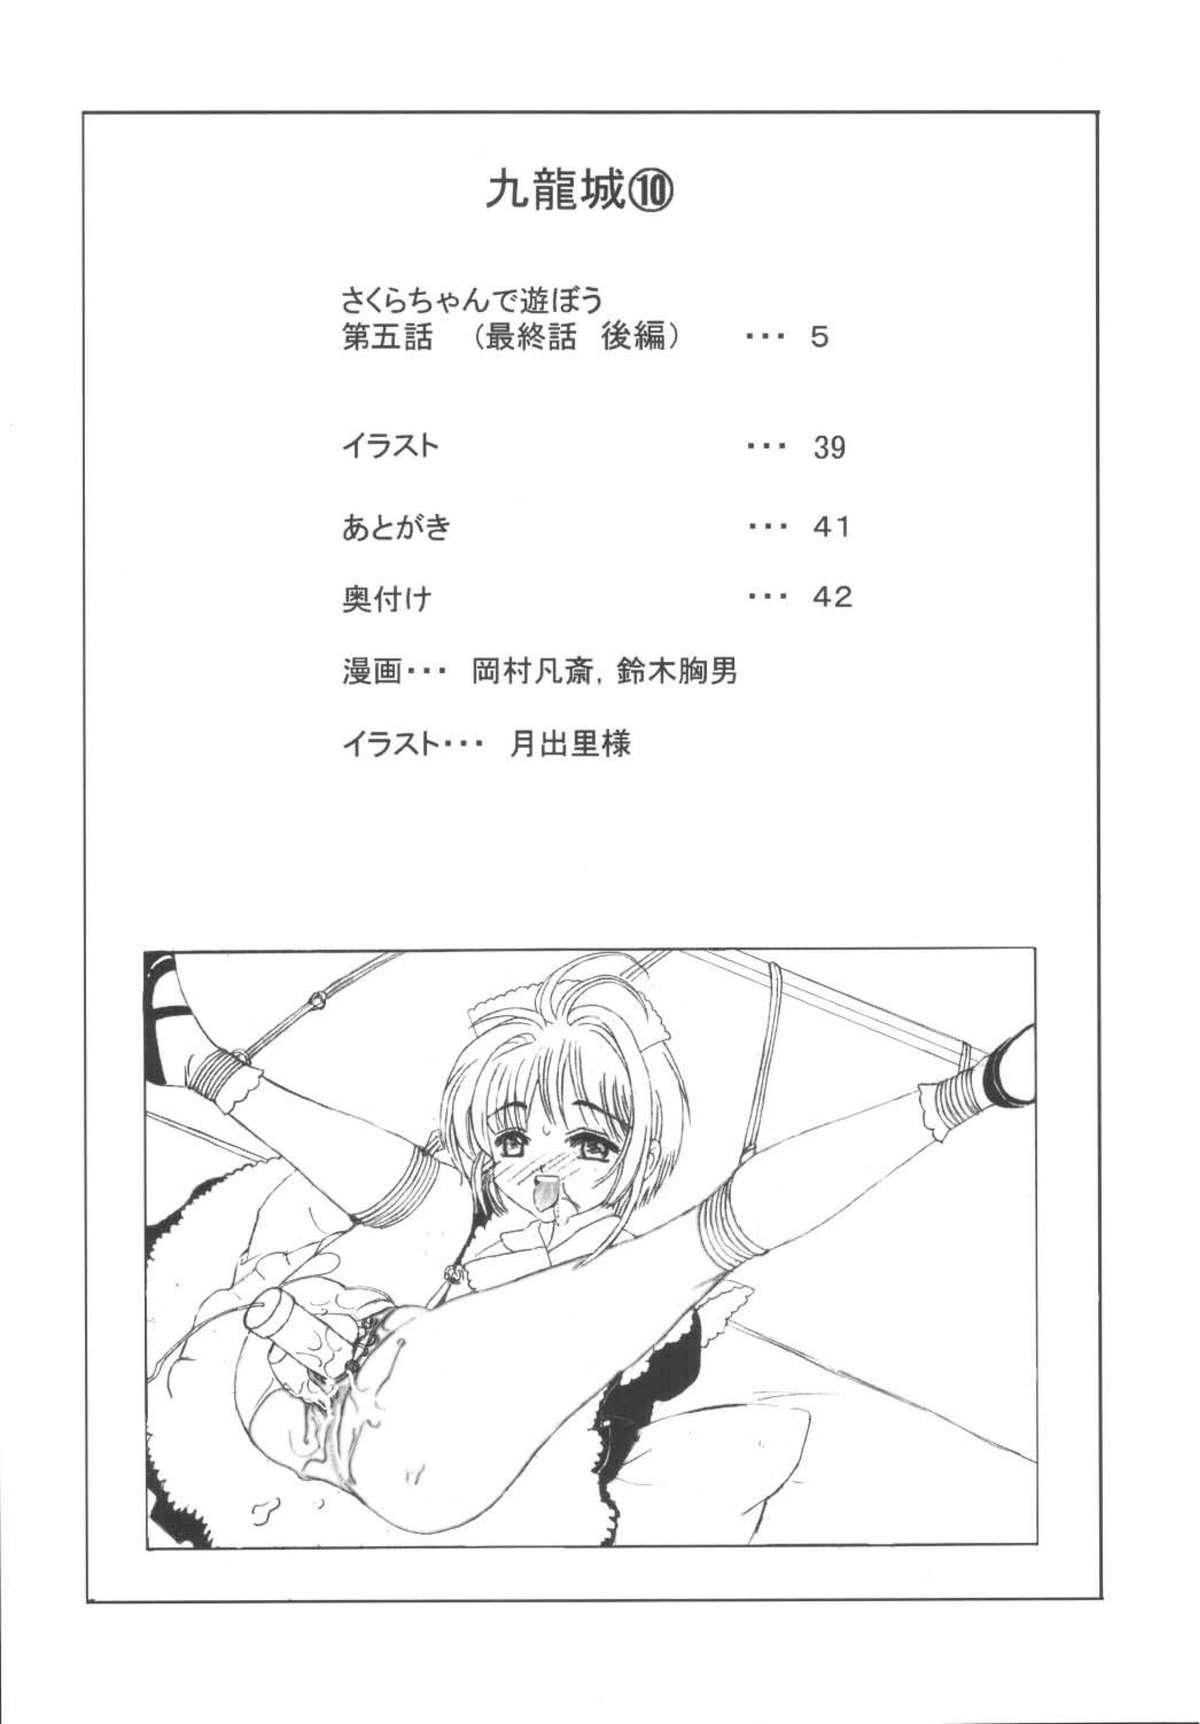 Kuuronziyou 10 Sakura-chan de Asobou 5 3